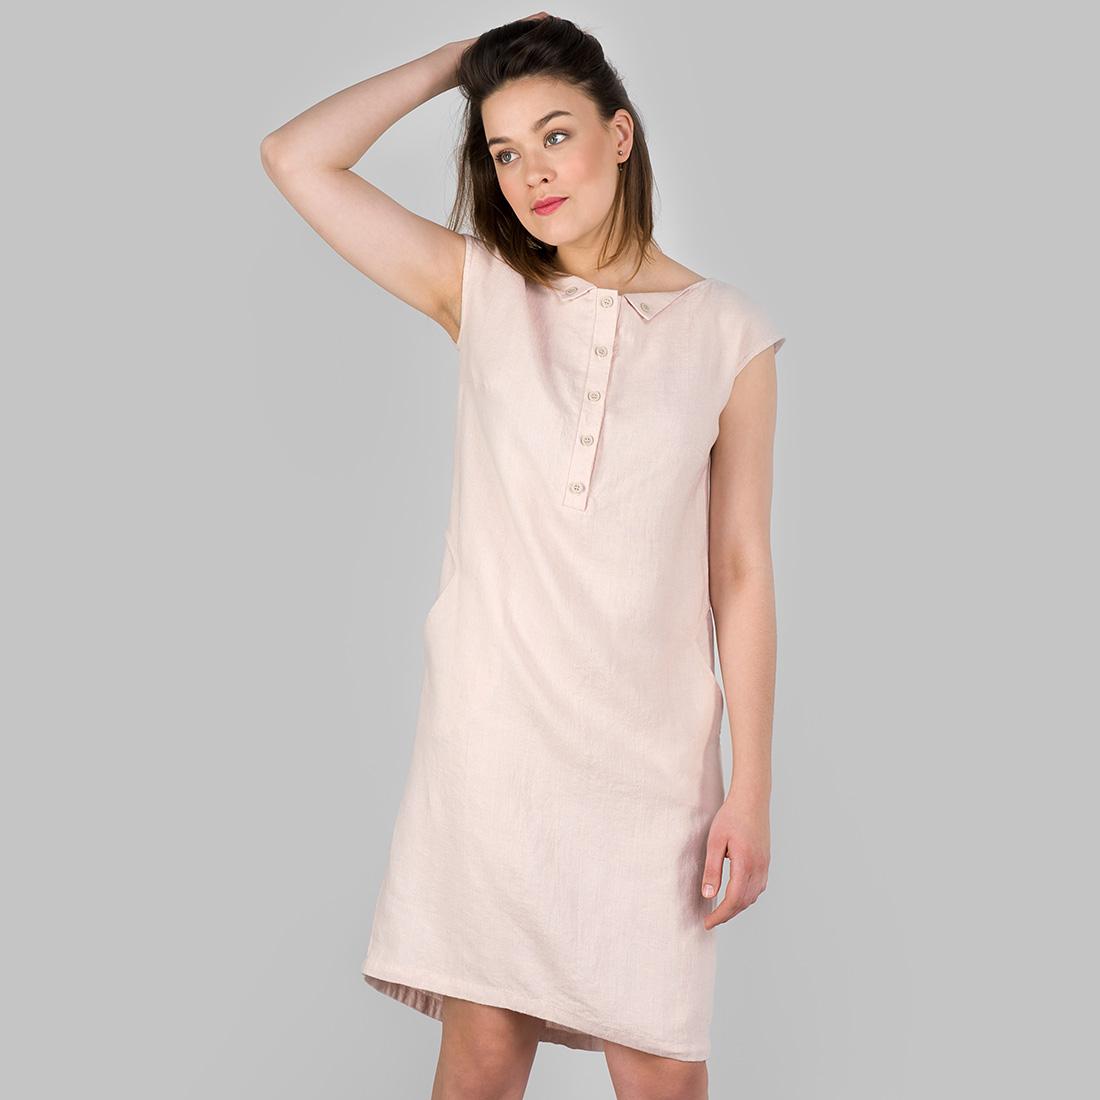 Švelniai rožinė lininė suknelė iš skalbto minkšto audinio, pagaminta AB